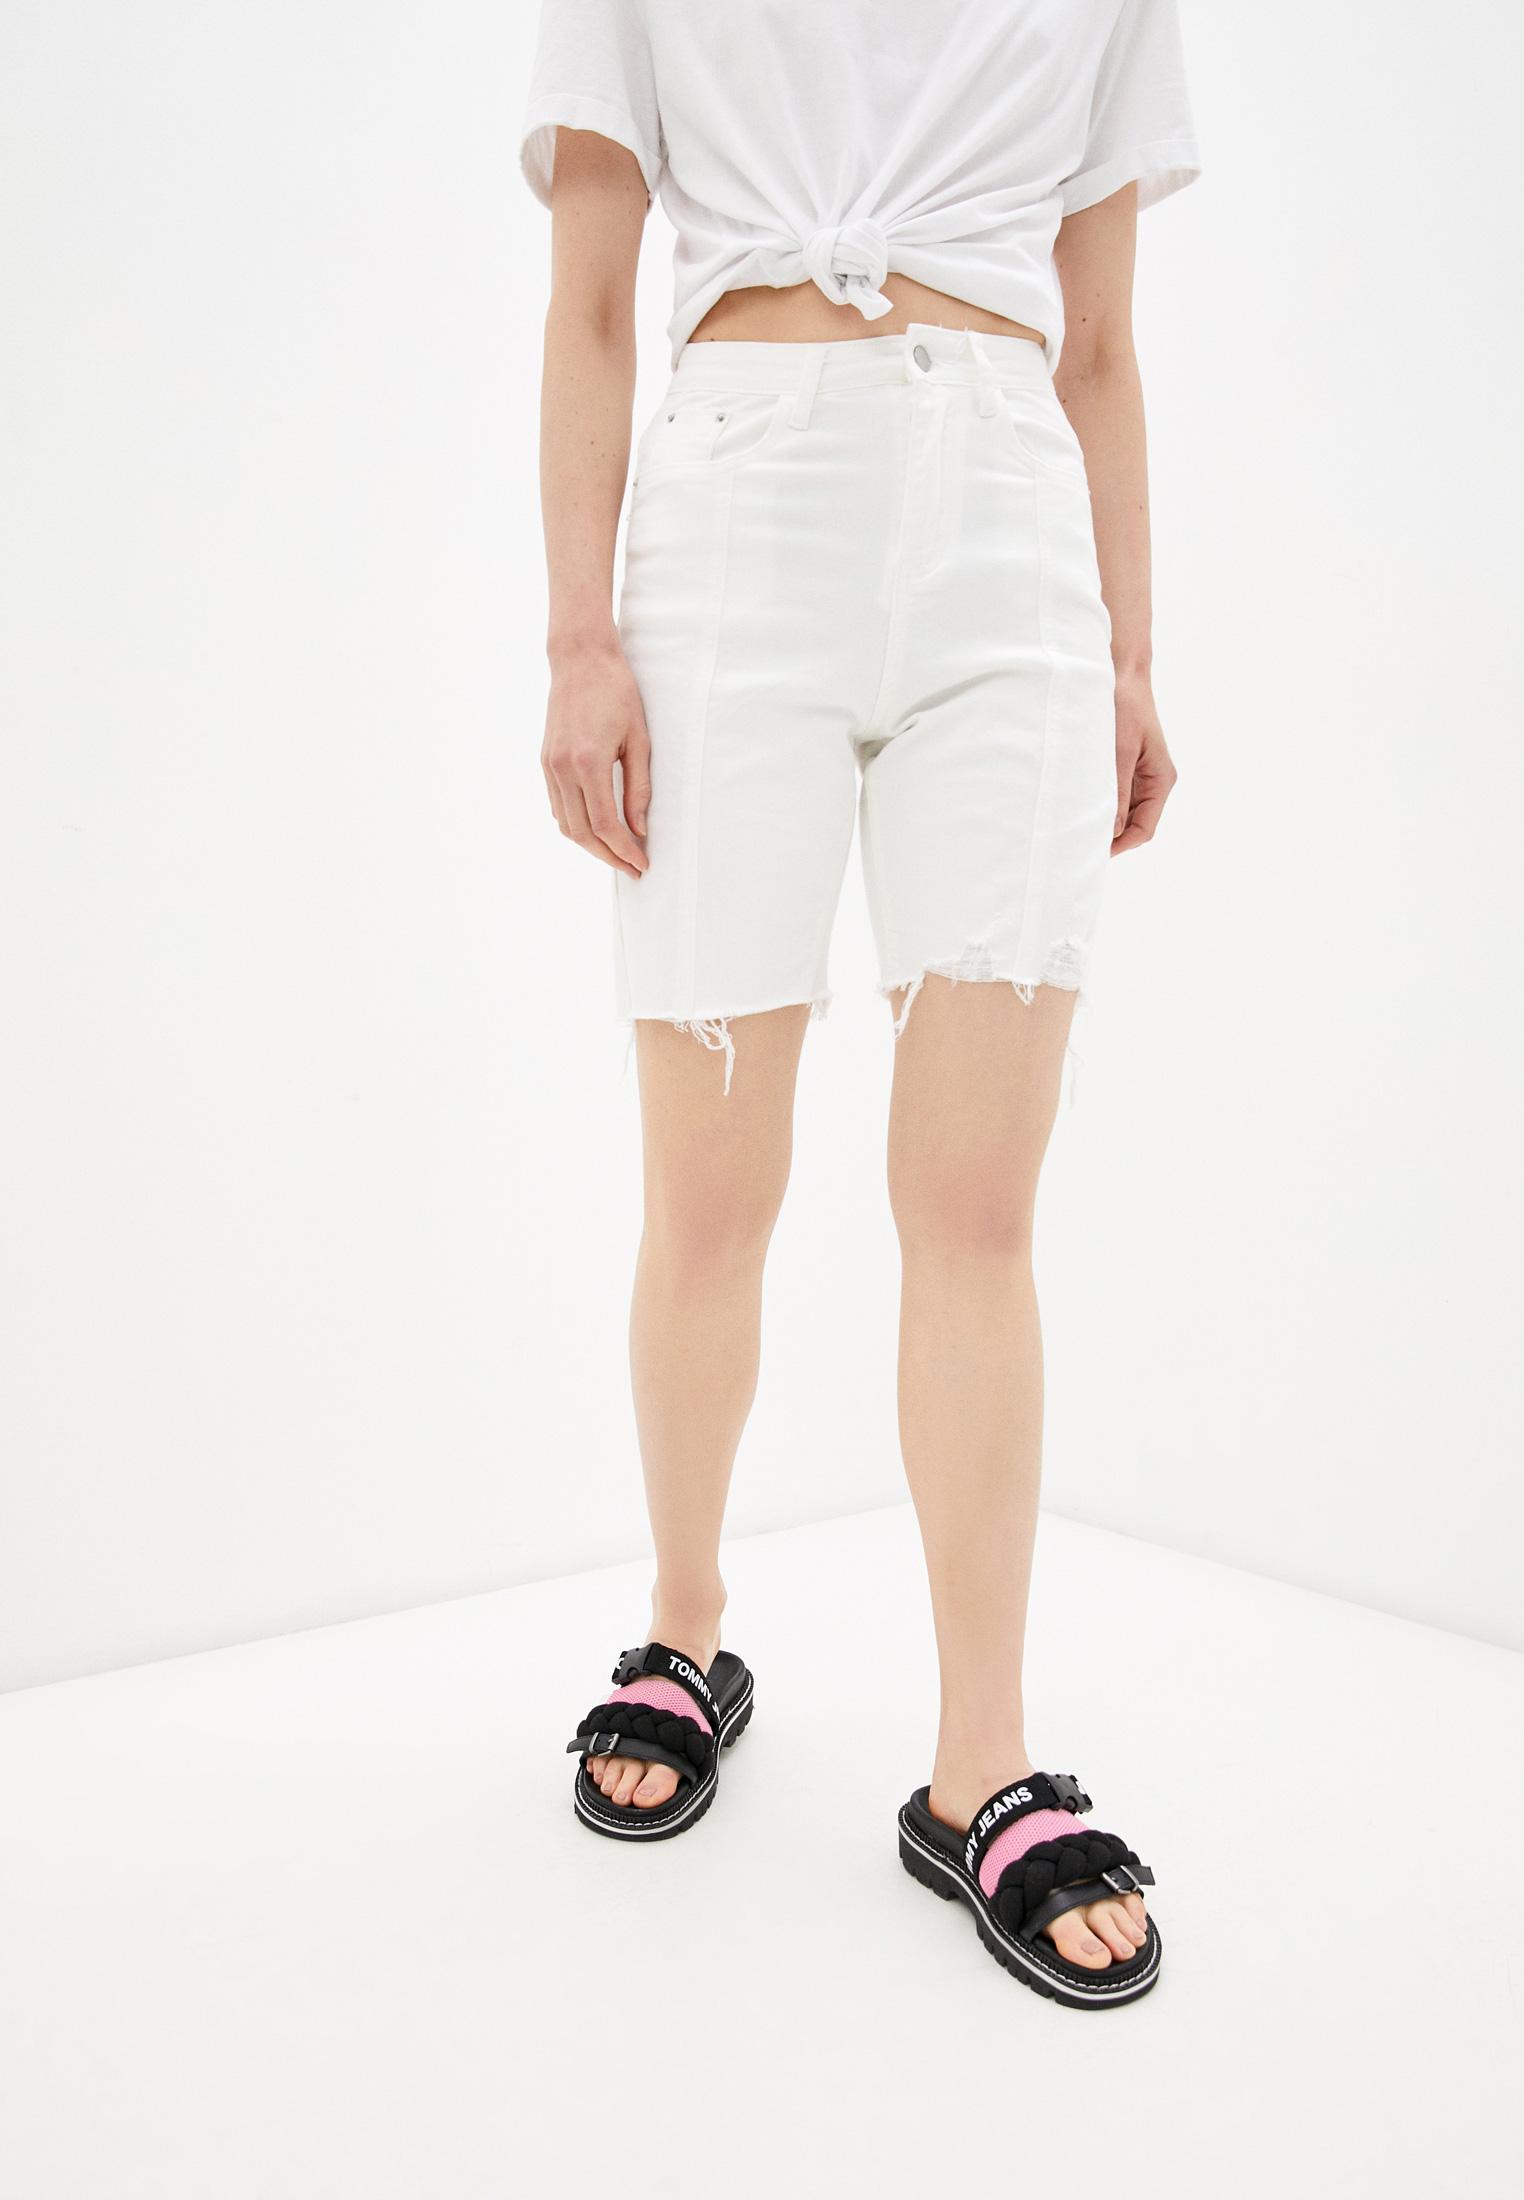 Женские джинсовые шорты Moki Шорты джинсовые Moki